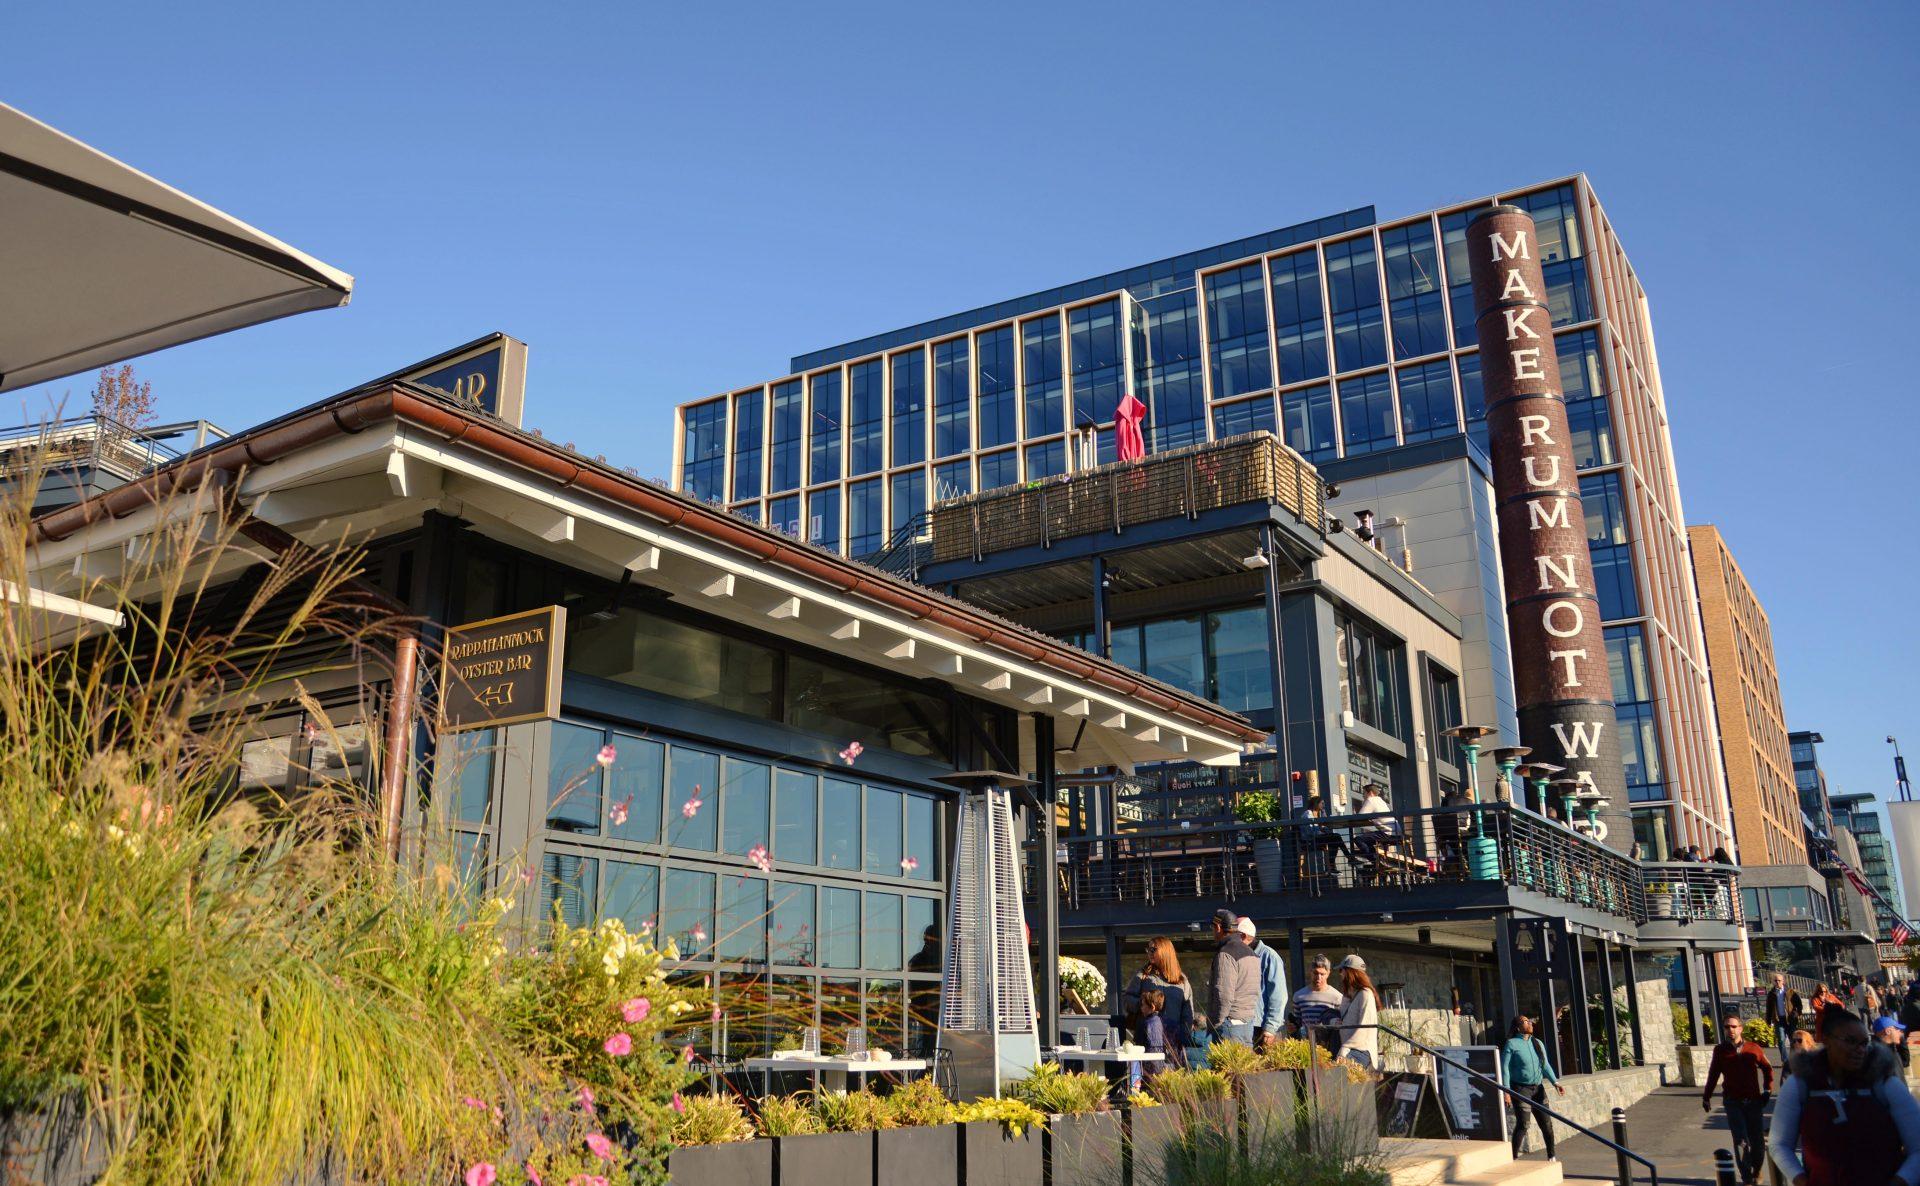 The Wharf_15